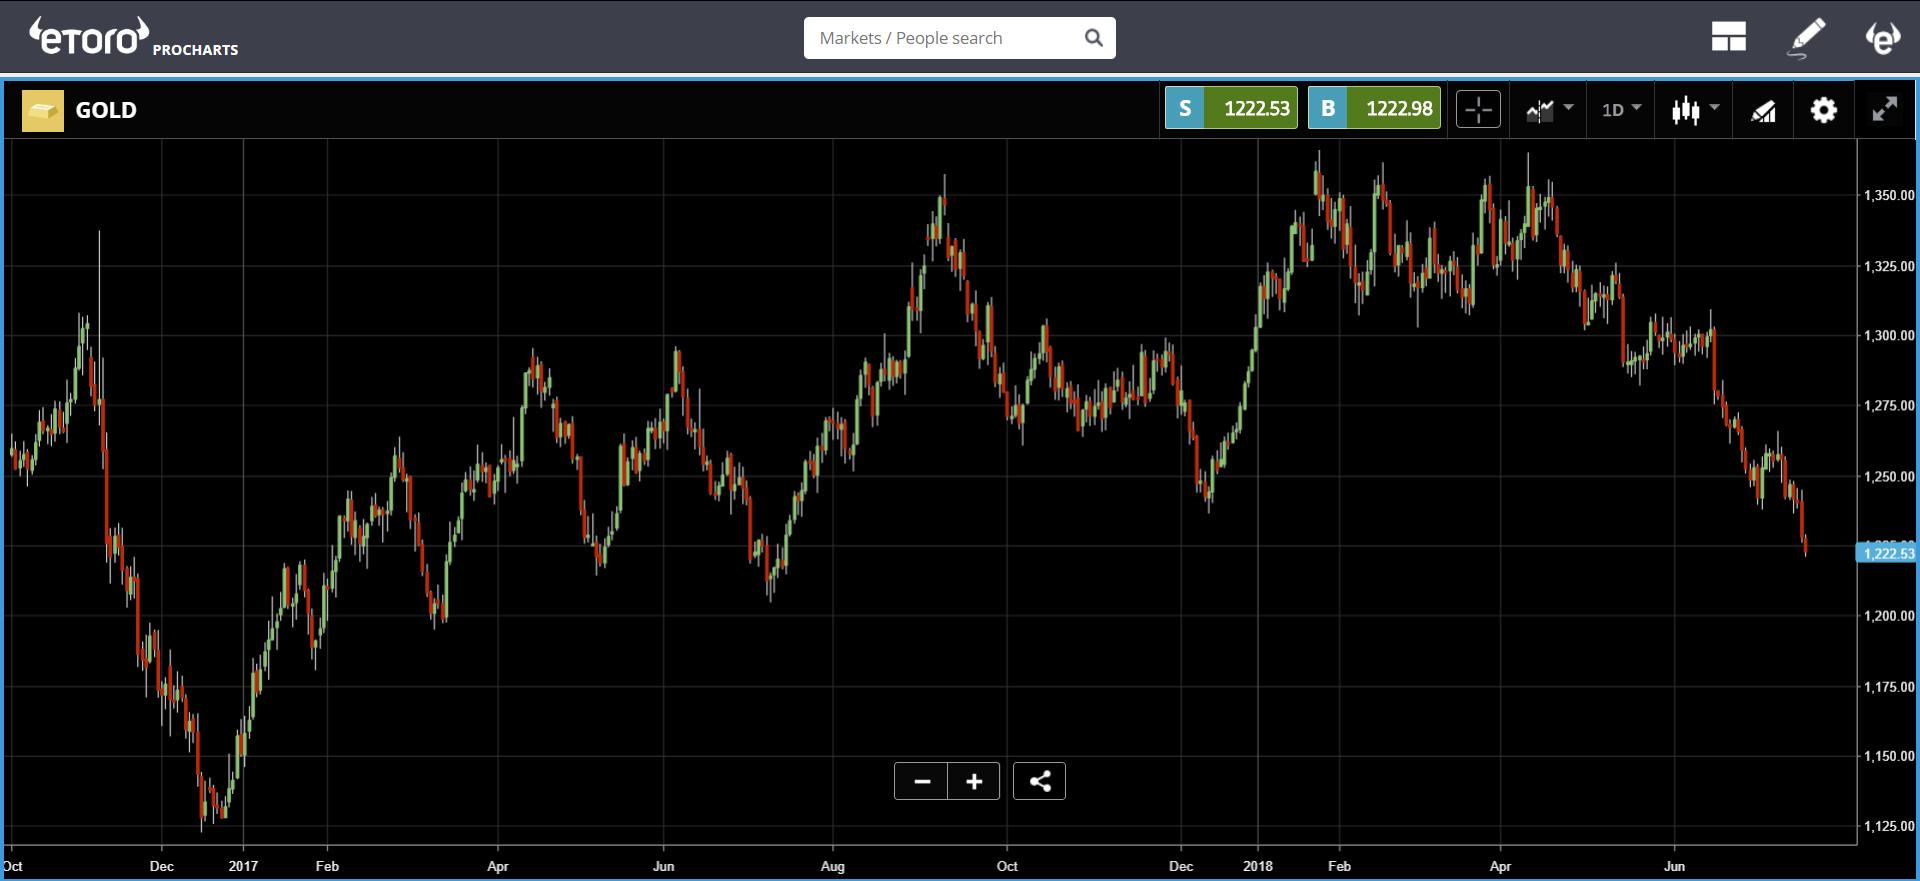 etoro, markets, trading, crypto, bitcoin, trump